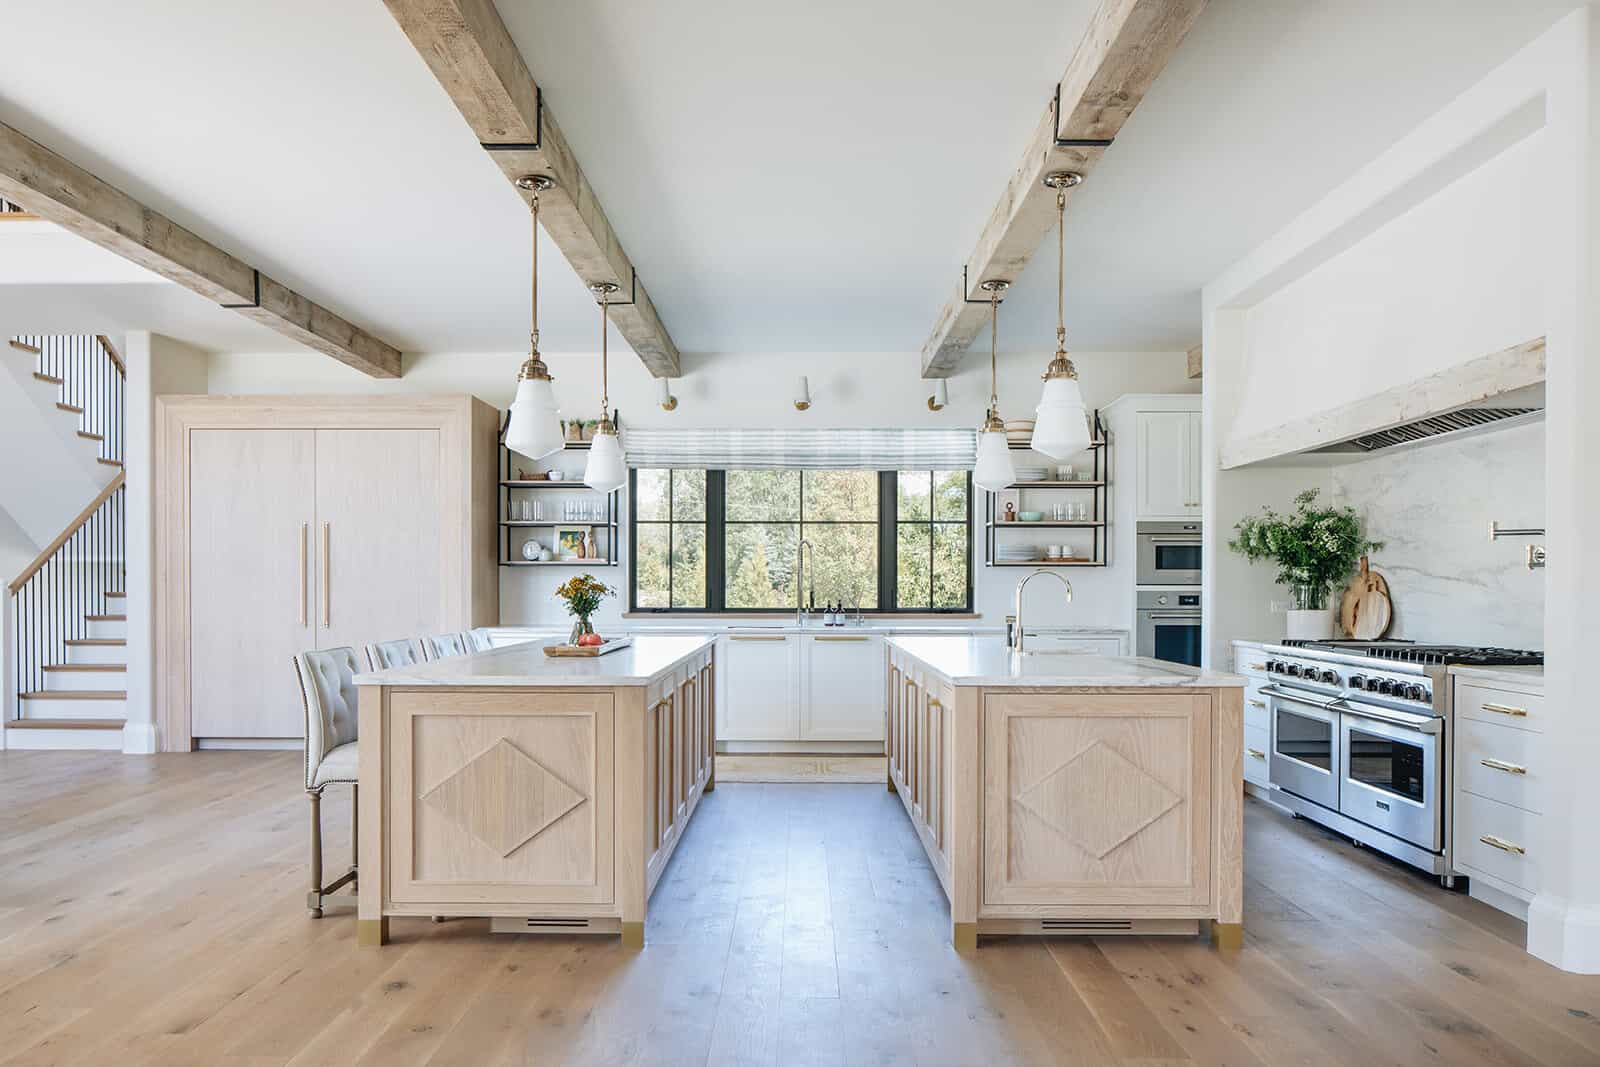 moderna-engleska-zemlja-prijelazna-kuhinja